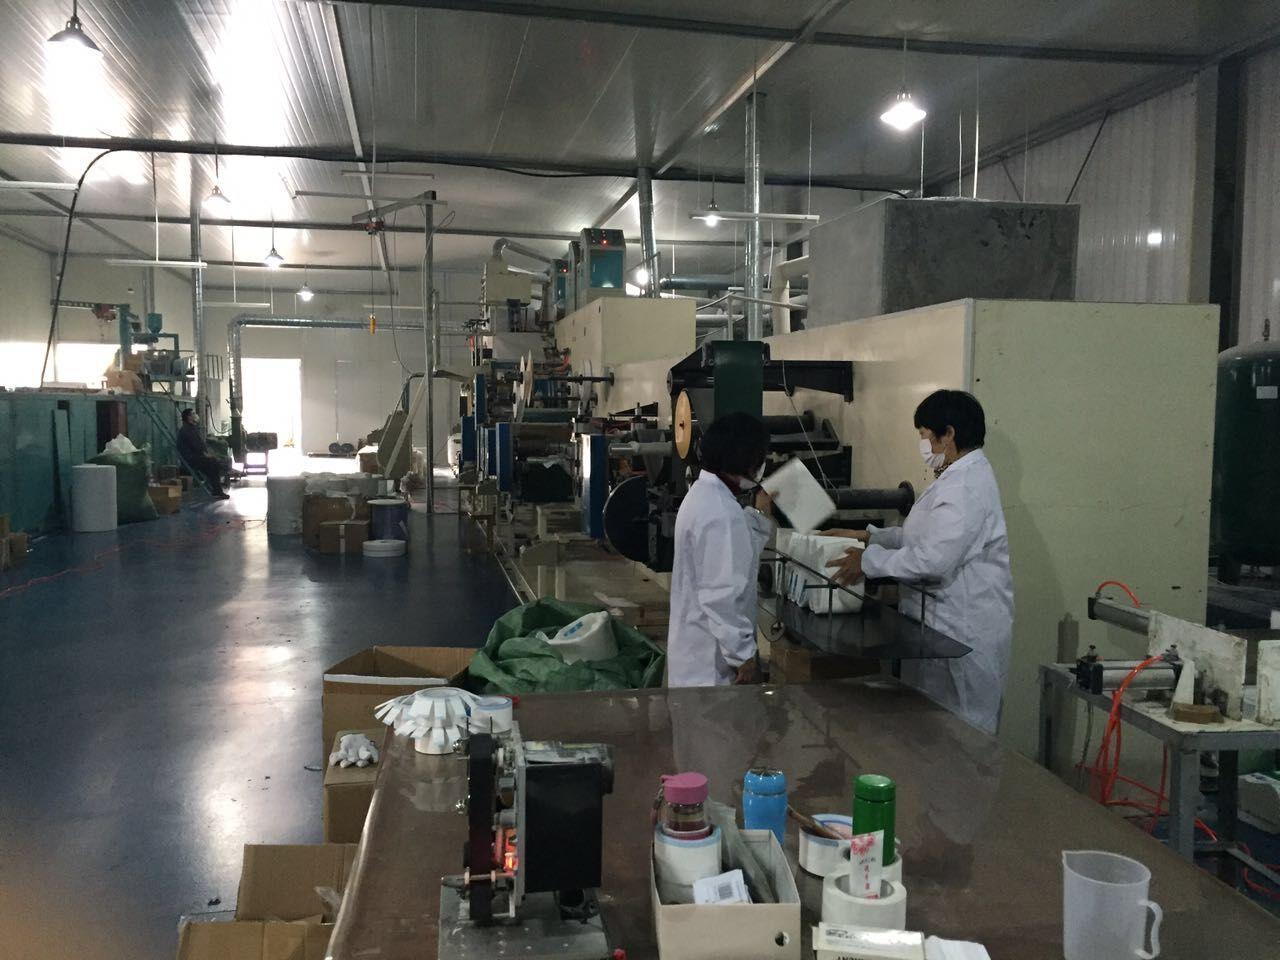 浙江成人纸尿裤生产厂家,杭州成人纸尿裤批发商,杭州成人纸尿裤